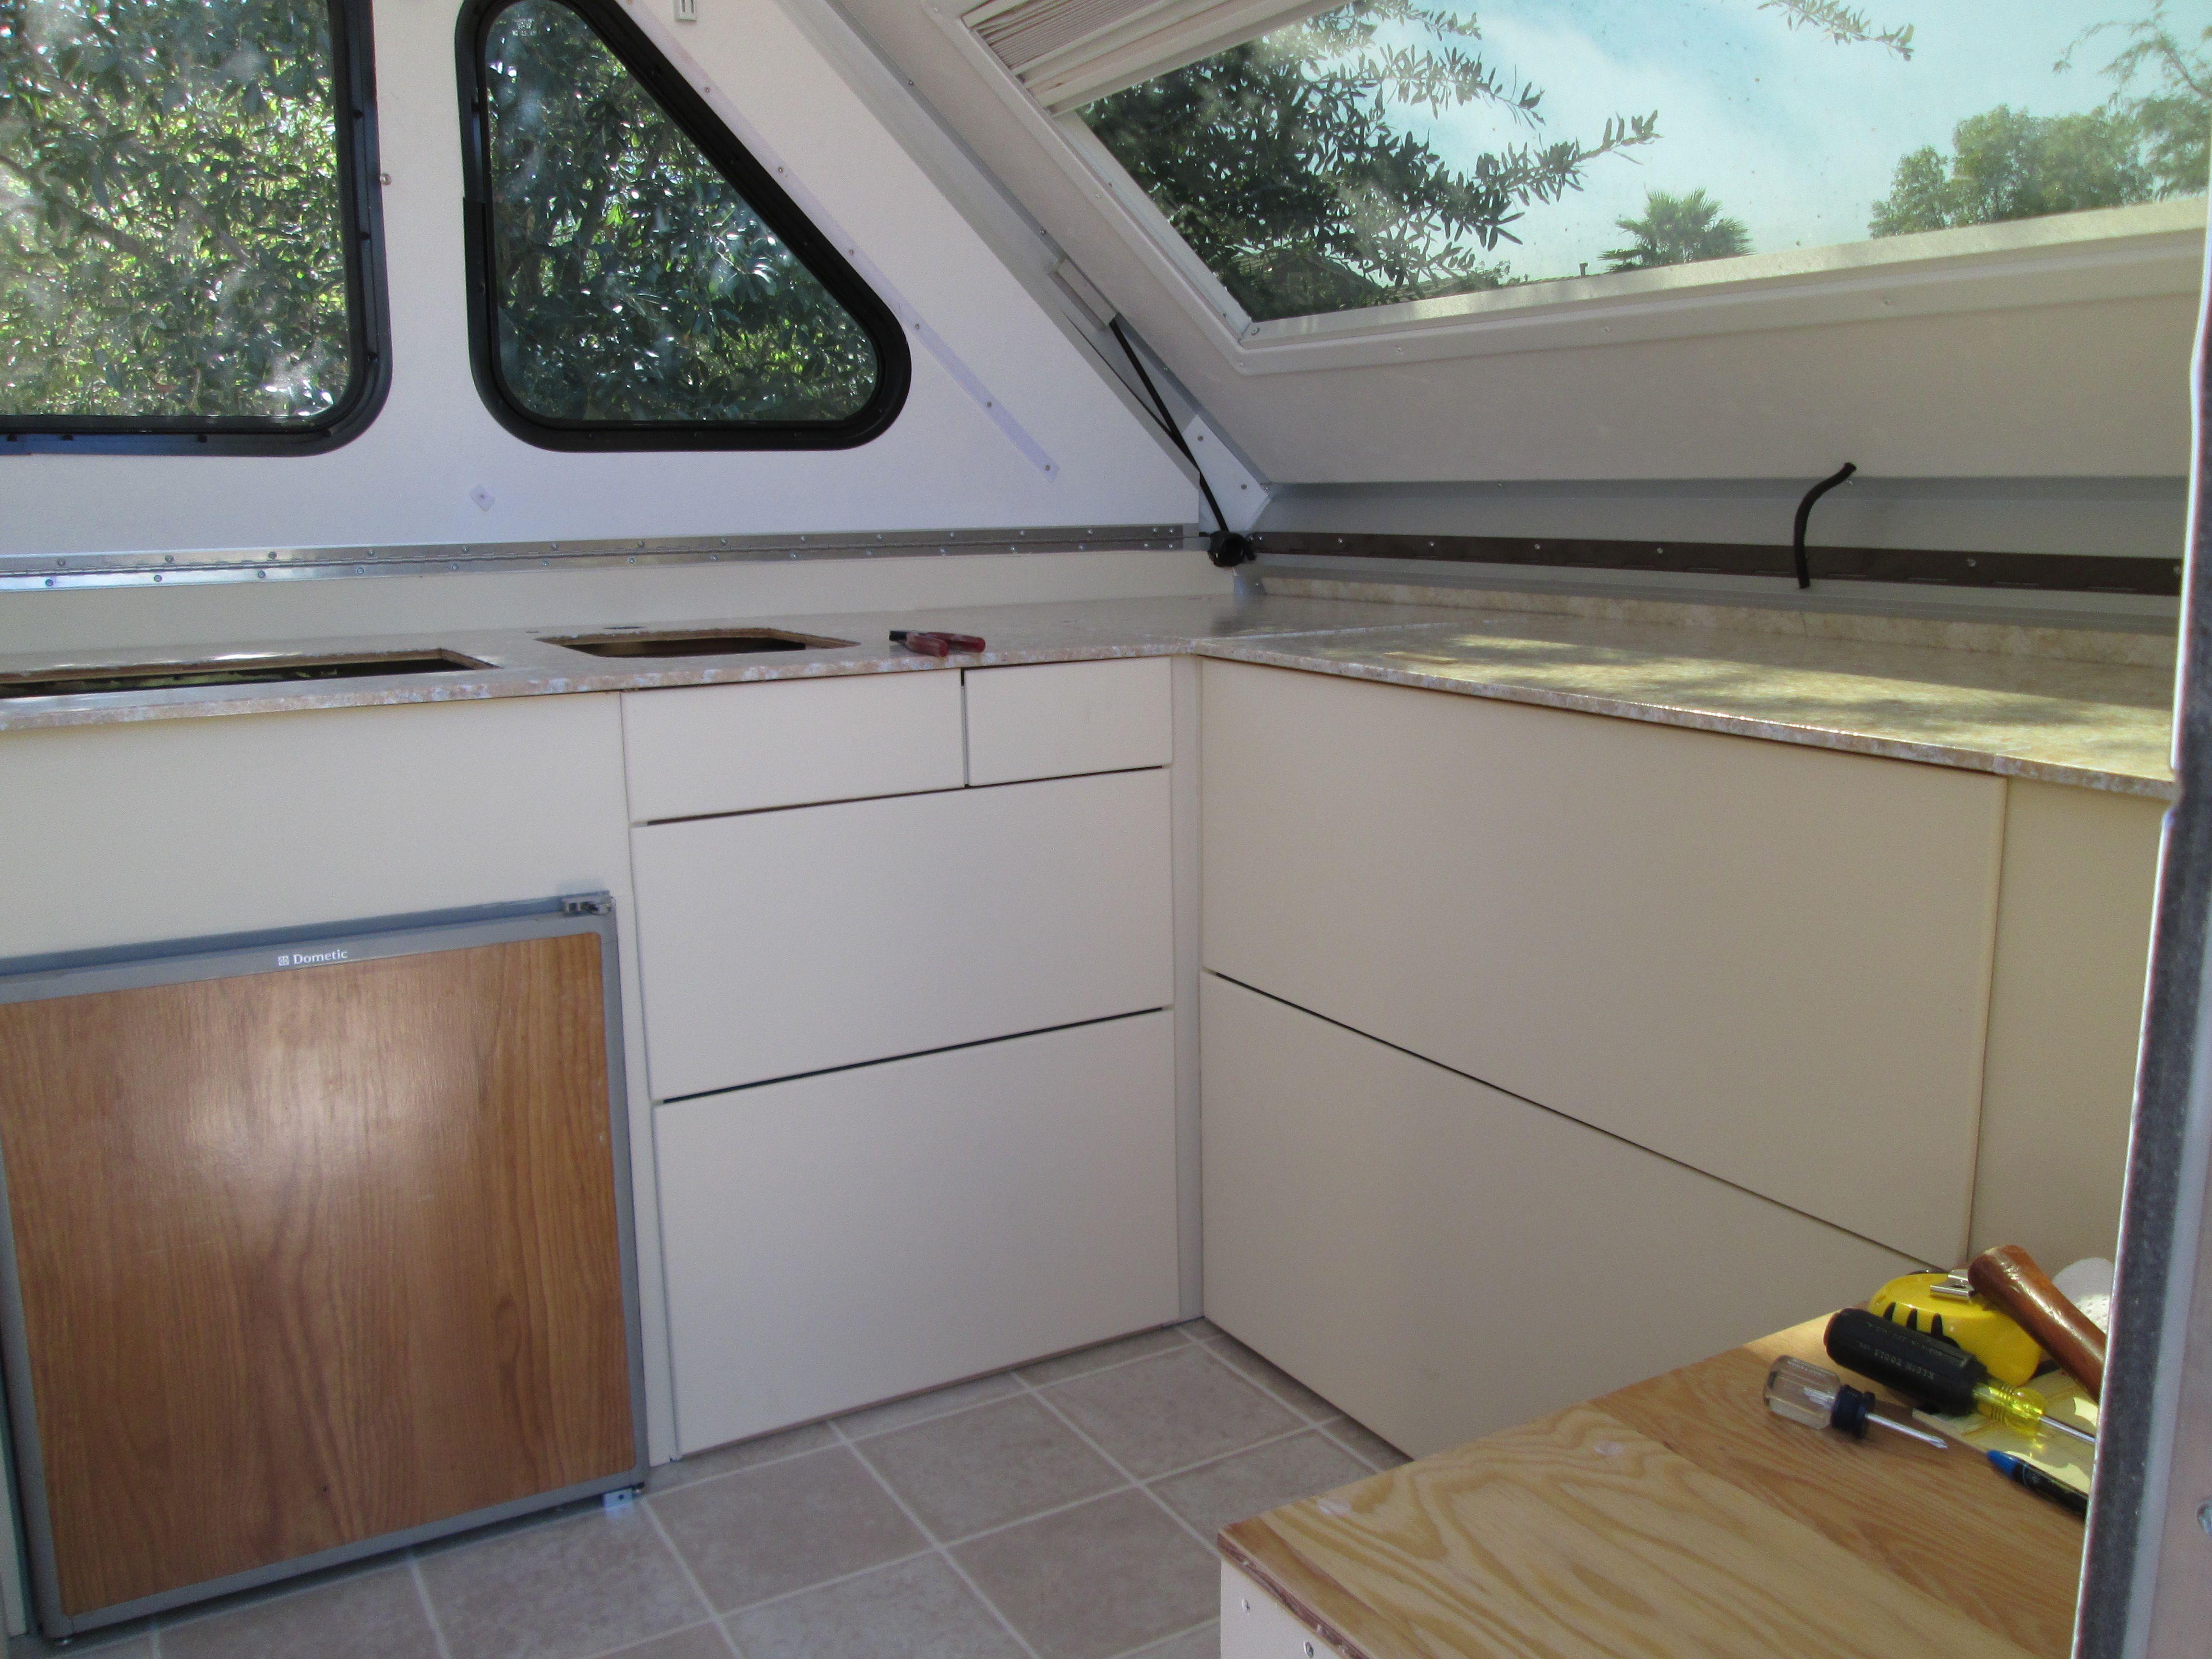 Remodeling Our A Liner Camper Decor Remodeled Campers A Frame